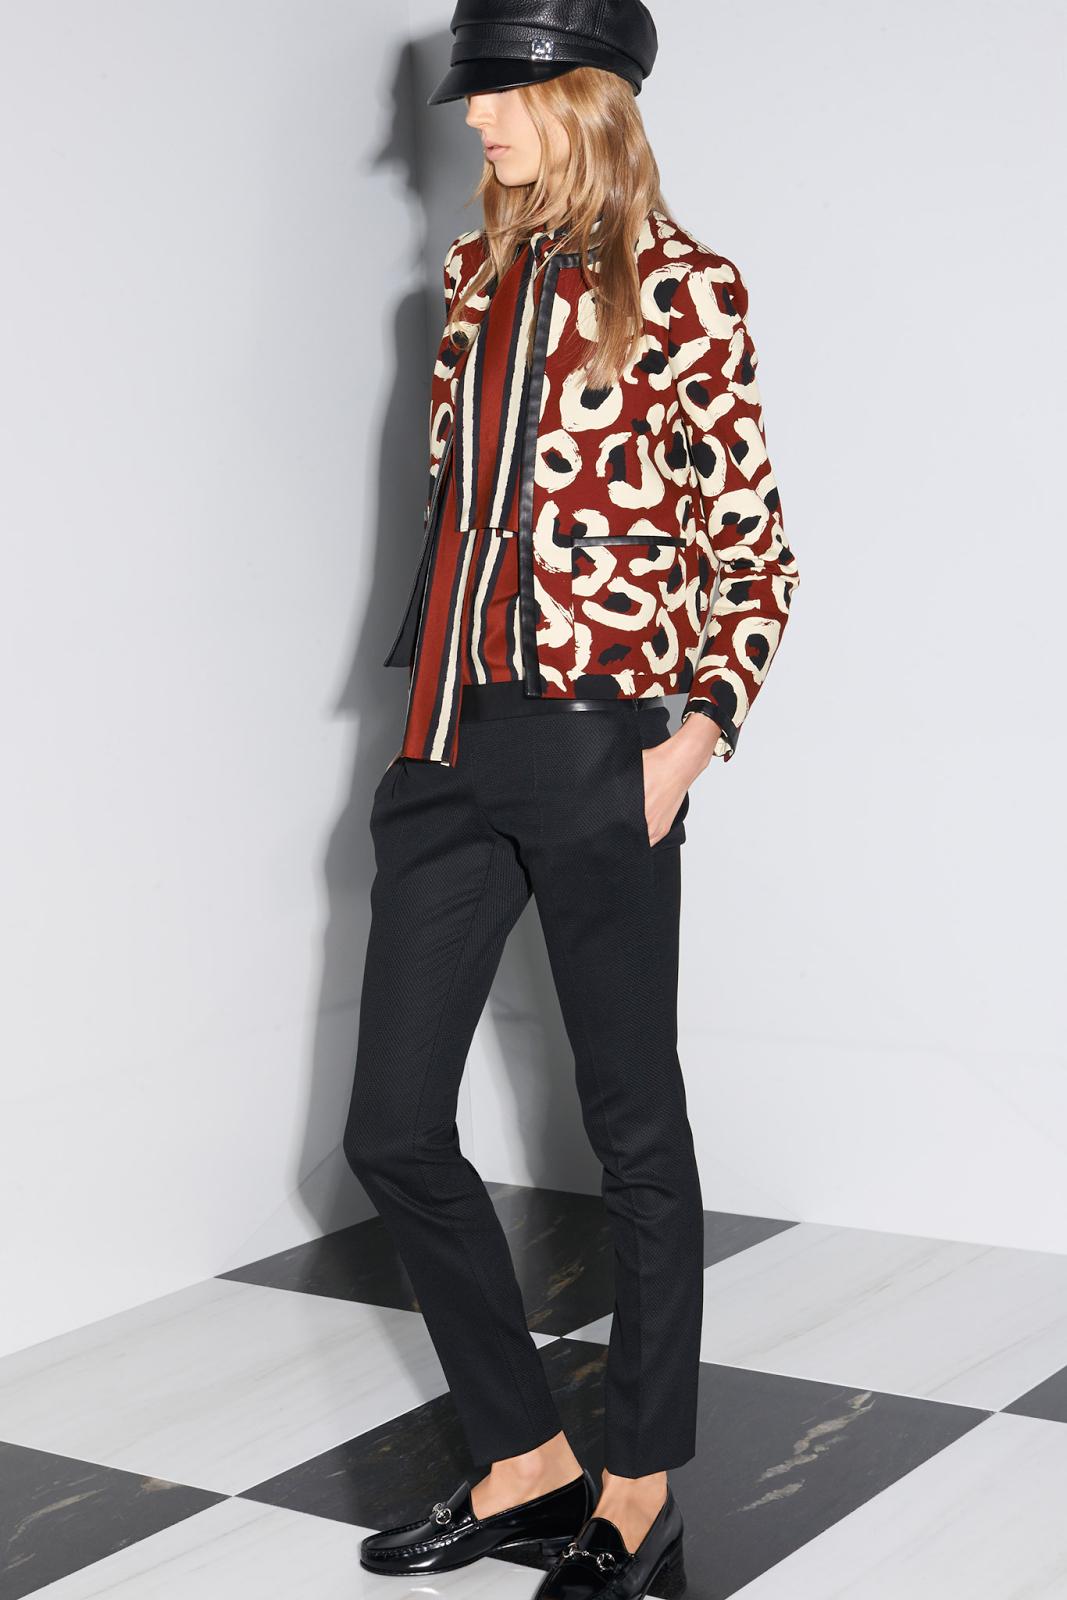 For Gucci Pre-Fall 2014